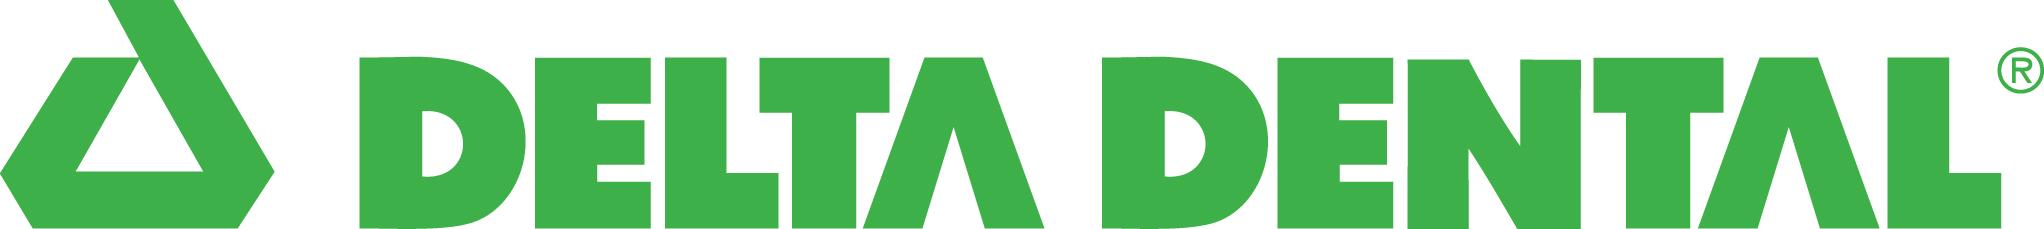 Delta Dental of Arkansas' logo